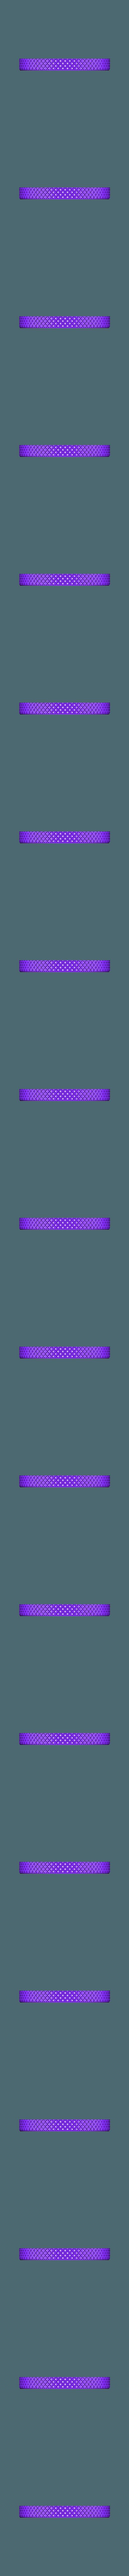 Cap_v2-2.STL Télécharger fichier STL gratuit Boîte pour papier abrasif • Plan imprimable en 3D, perinski